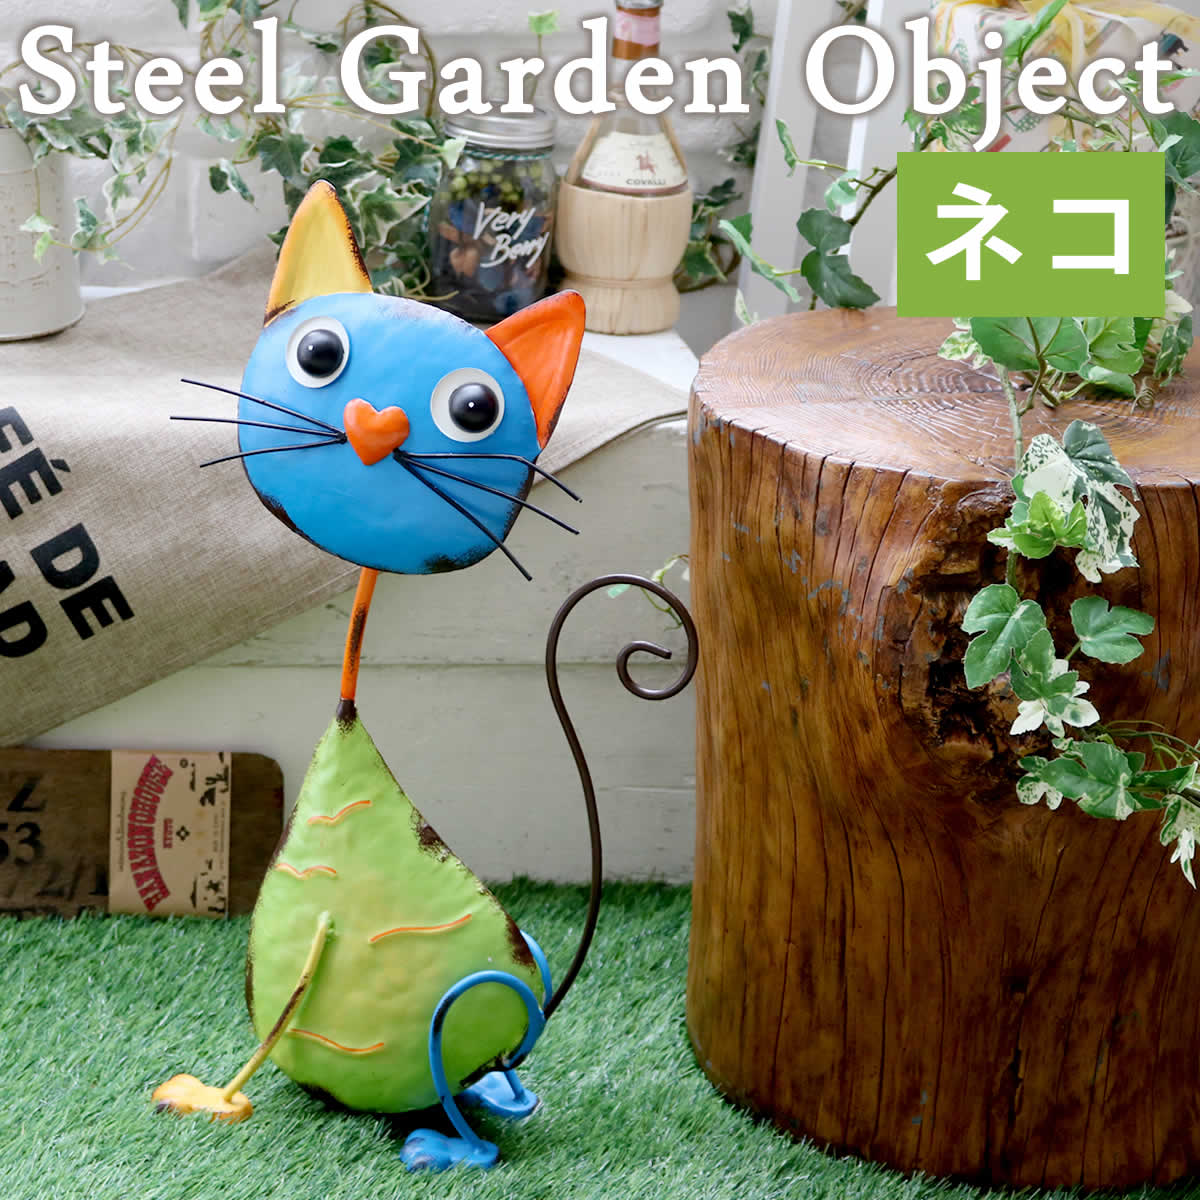 【ポイント10倍】 スチールガーデンオブジェシリーズ ネコ【 置物 置き物 オーナメント ブリキ風 ガーデンオーナメント 人形】